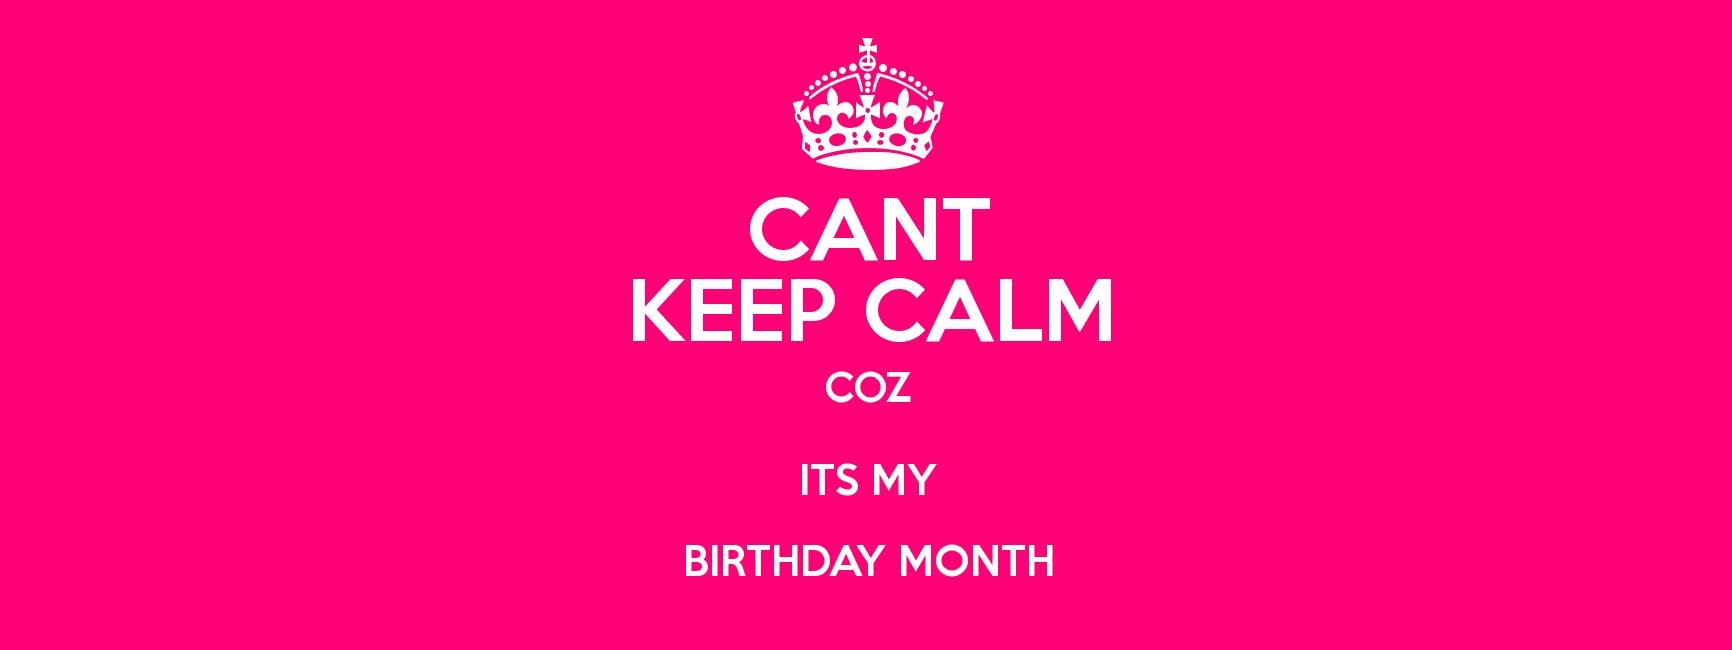 my birthday month - 1732×650